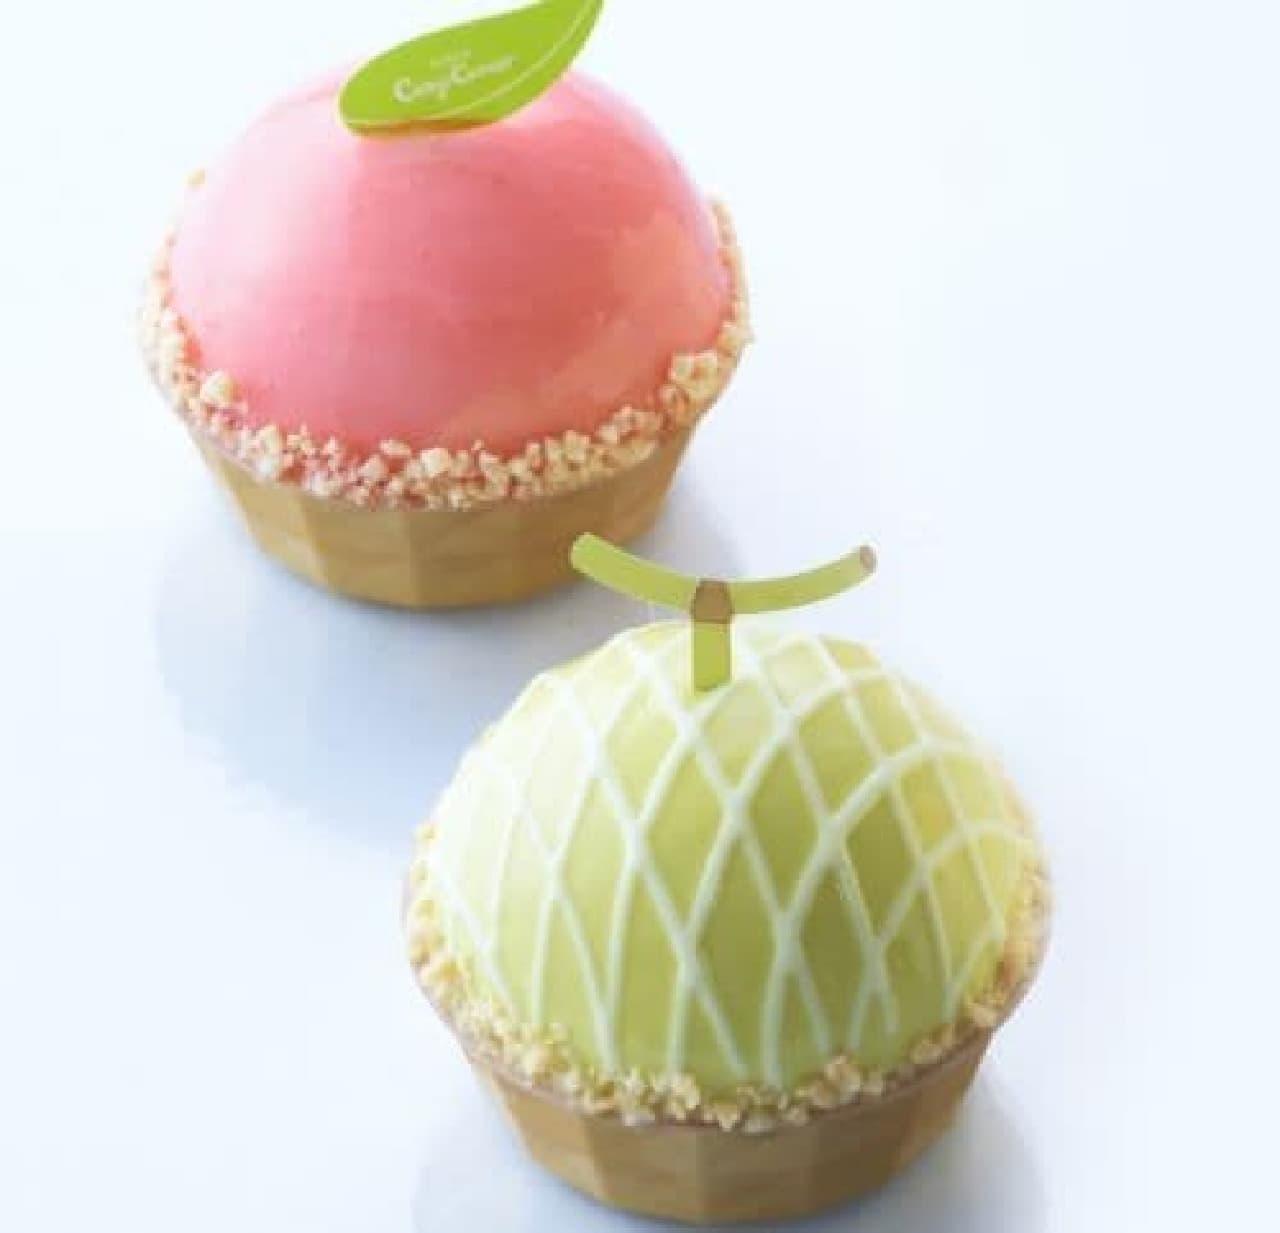 「ピーチドーム/メロンドーム」は、ミルククリームを白桃ムースまたはメロンムースで包んだかわいいドームケーキ